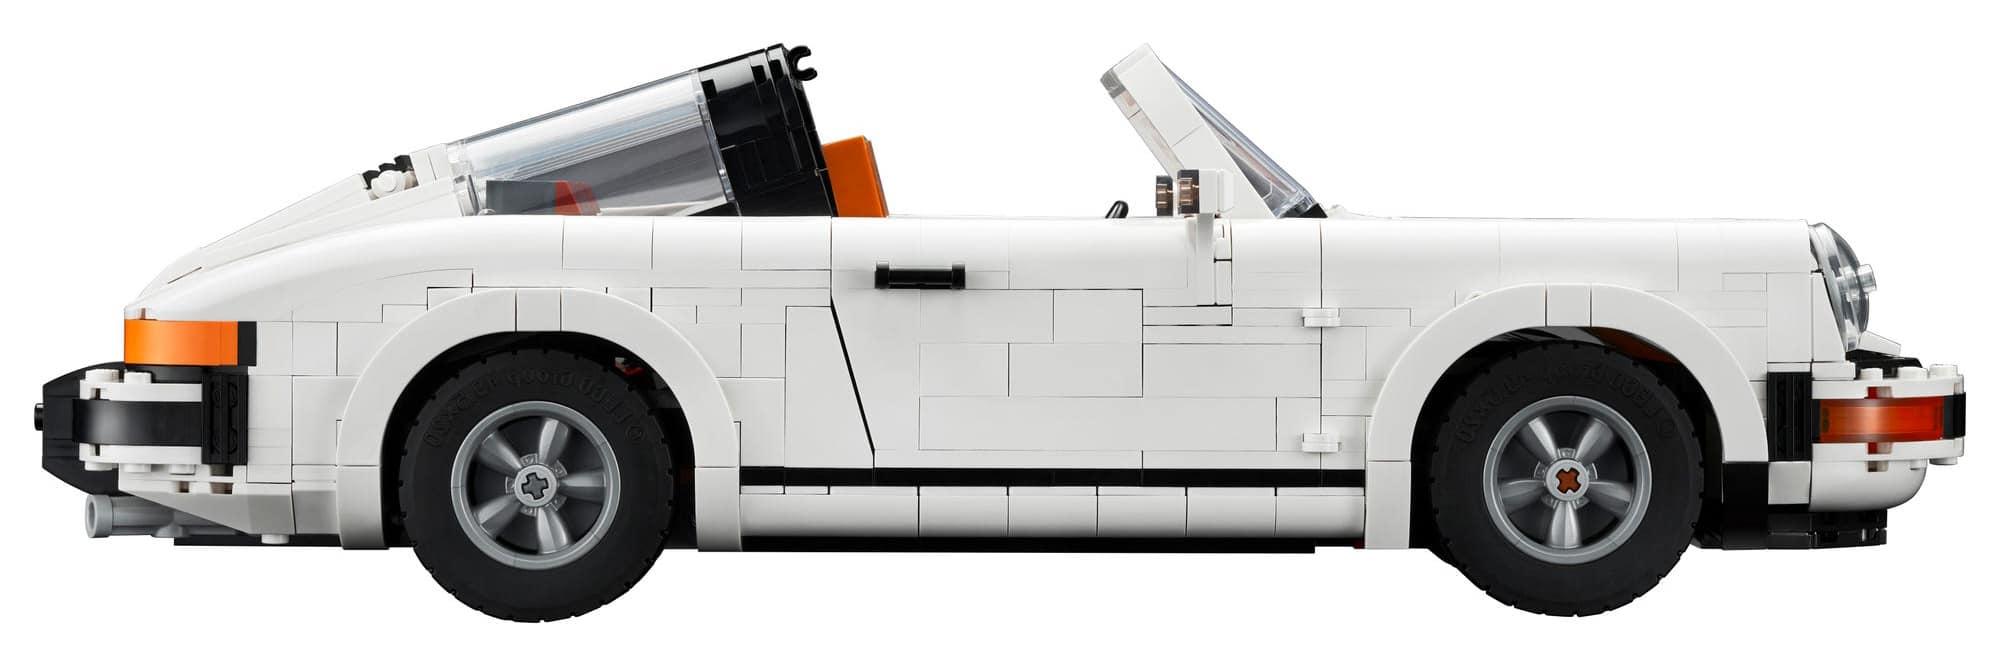 LEGO 10295 Porsche 911 Targa Seite